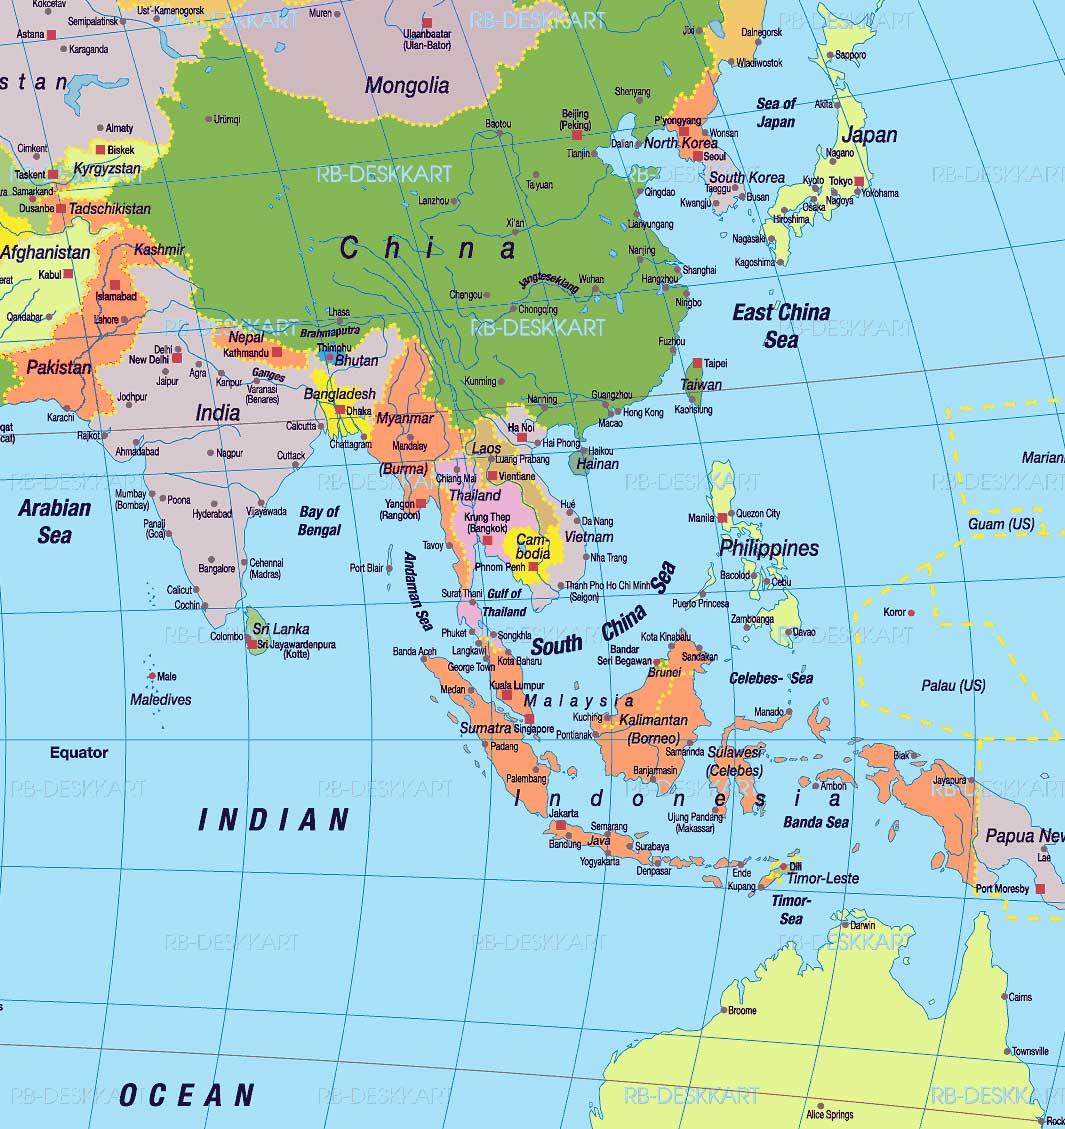 Malaysia farbig unterlegt singapur ist ein eigener stadtstaat beim